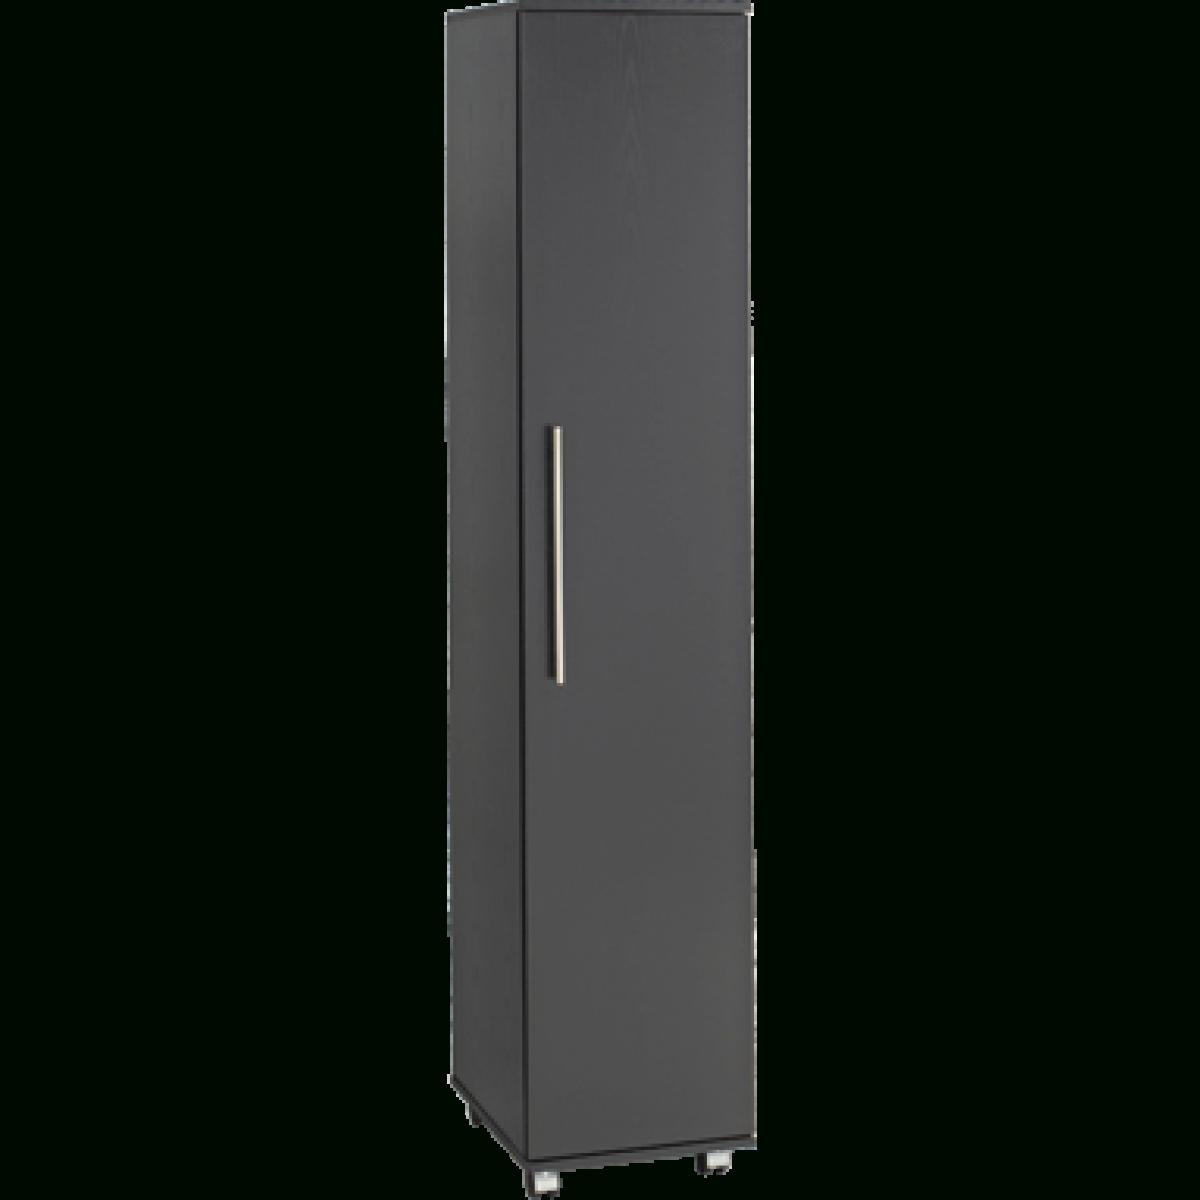 Door Bobby Wardrobe Intended For Black Single Door Wardrobes (View 8 of 15)